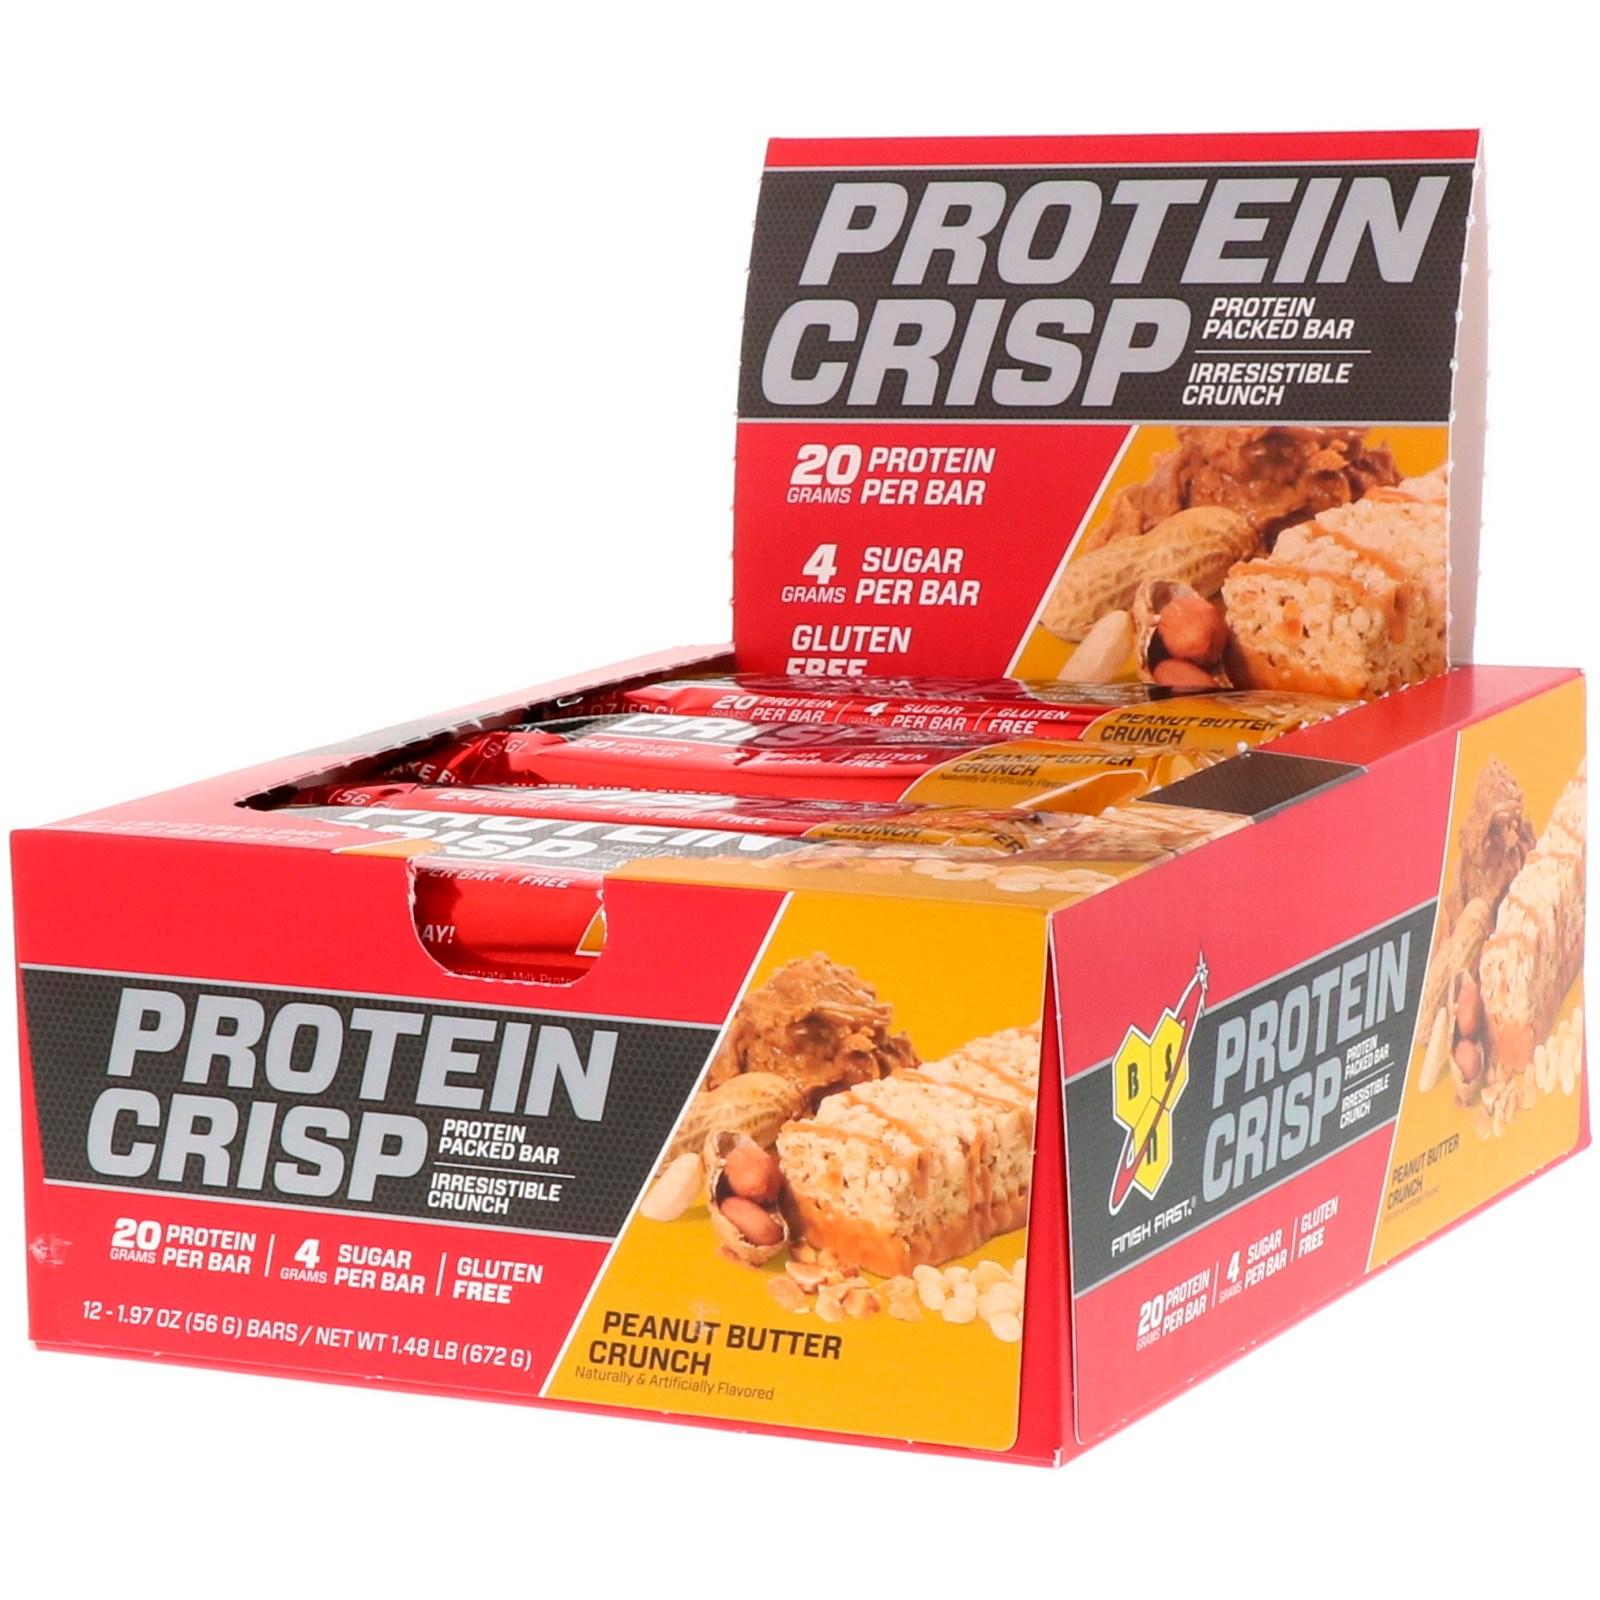 비에스엔 프로틴 크리스프 바 12개입, 피넛 버터 크런치(Peanut Butter Crunch), 1개